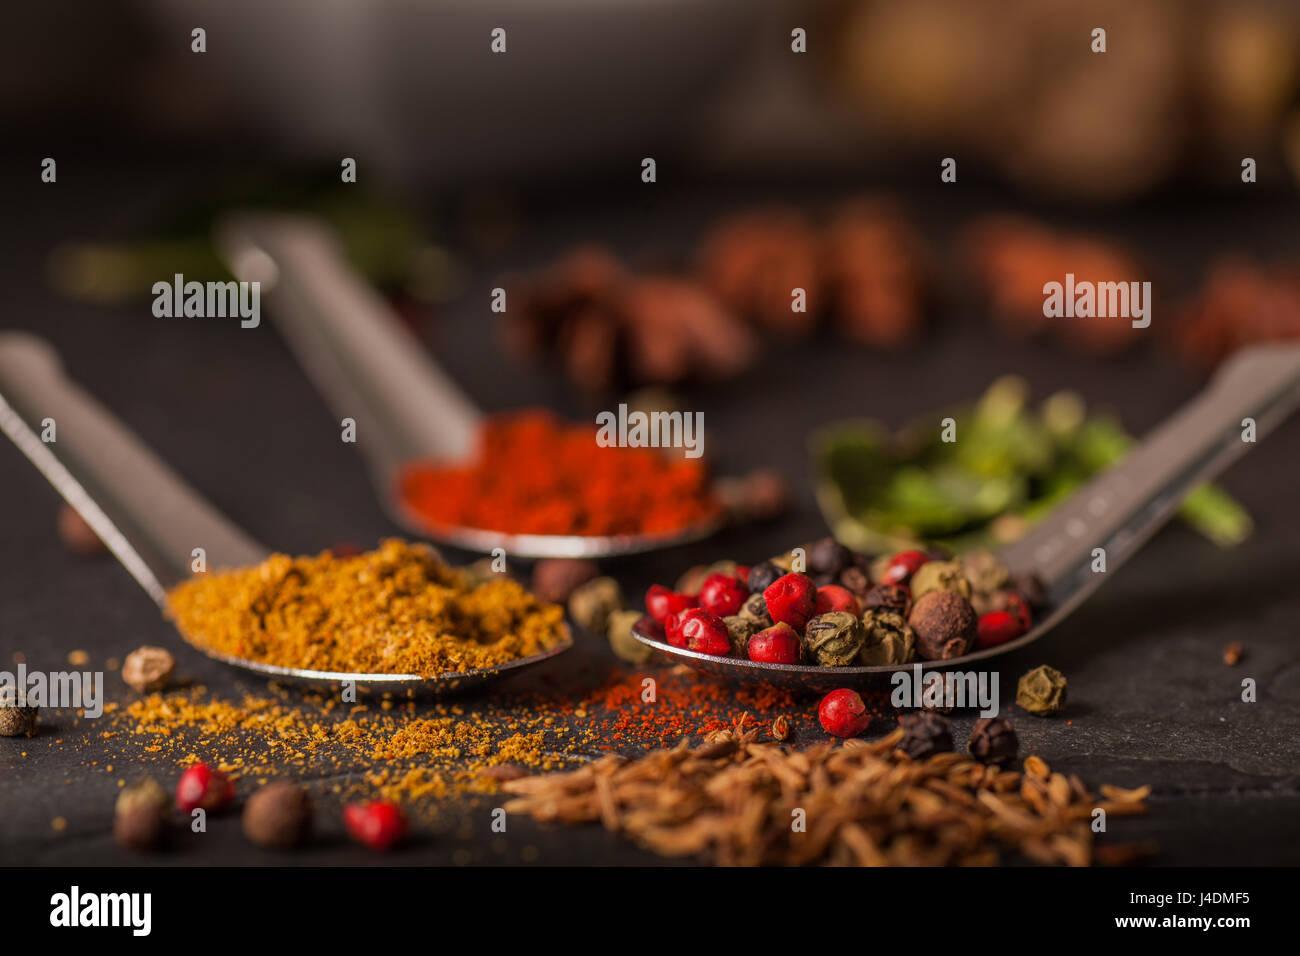 Nahaufnahme von Spice Auswahl auf grauem Schiefer Arbeitsplatte Stockbild